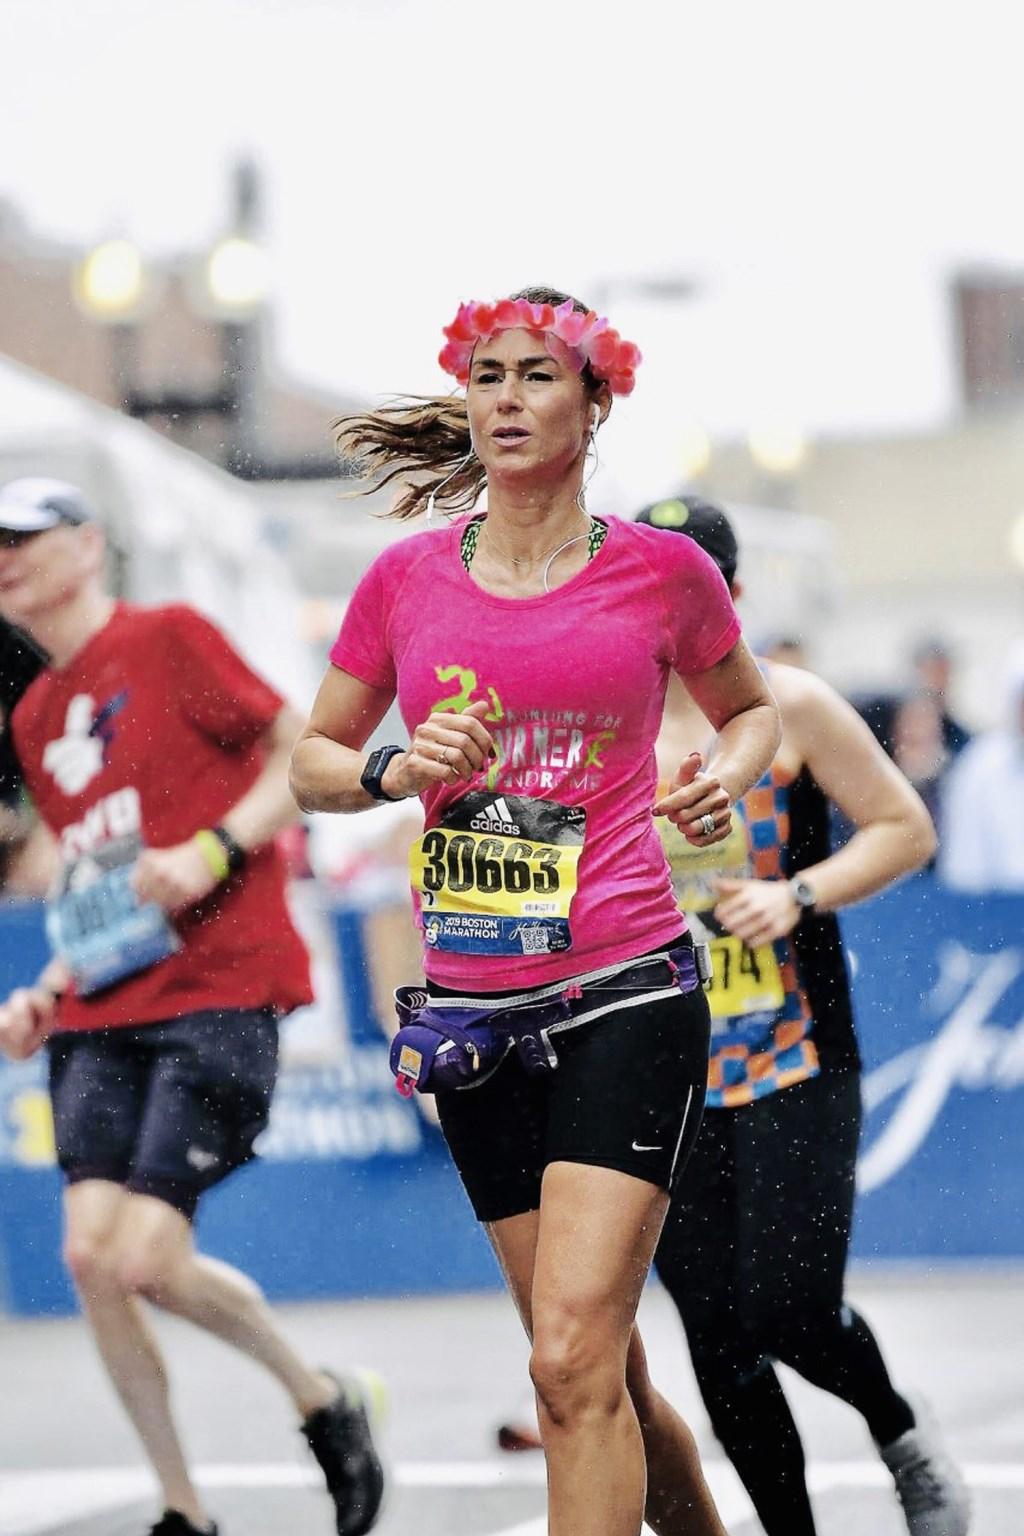 Het was afzien tijdens de marathon van Boston, maar Lisette hield verbeten vol. Lisette van Kesteren © BDU media